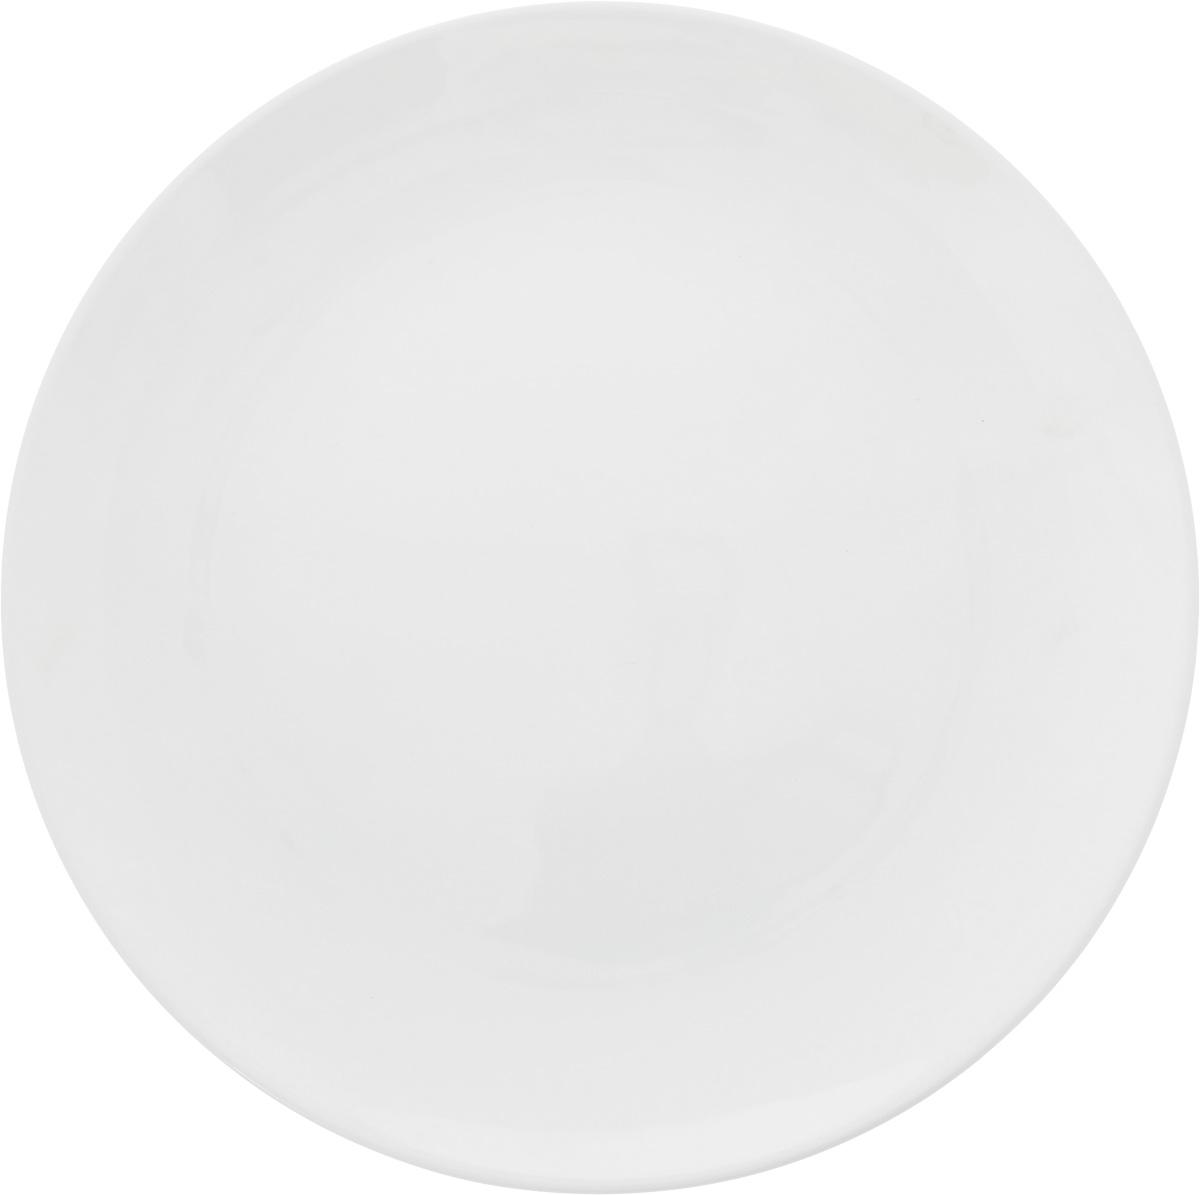 Тарелка Ariane Коуп, диаметр 24 смAVCARN11024Тарелка Ariane Коуп, изготовленная из высококачественного фарфора, имеет классическую круглую форму. Такая тарелка отлично подойдет в качестве блюда для закусок и нарезок, а также для подачи различных десертов. Изделие прекрасно впишется в интерьер вашей кухни и станет достойным дополнением к кухонному инвентарю. Тарелка Ariane Коуп подчеркнет прекрасный вкус хозяйки и станет отличным подарком. Можно мыть в посудомоечной машине и использовать в микроволновой печи. Высота: 2 см. Диаметр тарелки: 24 см.